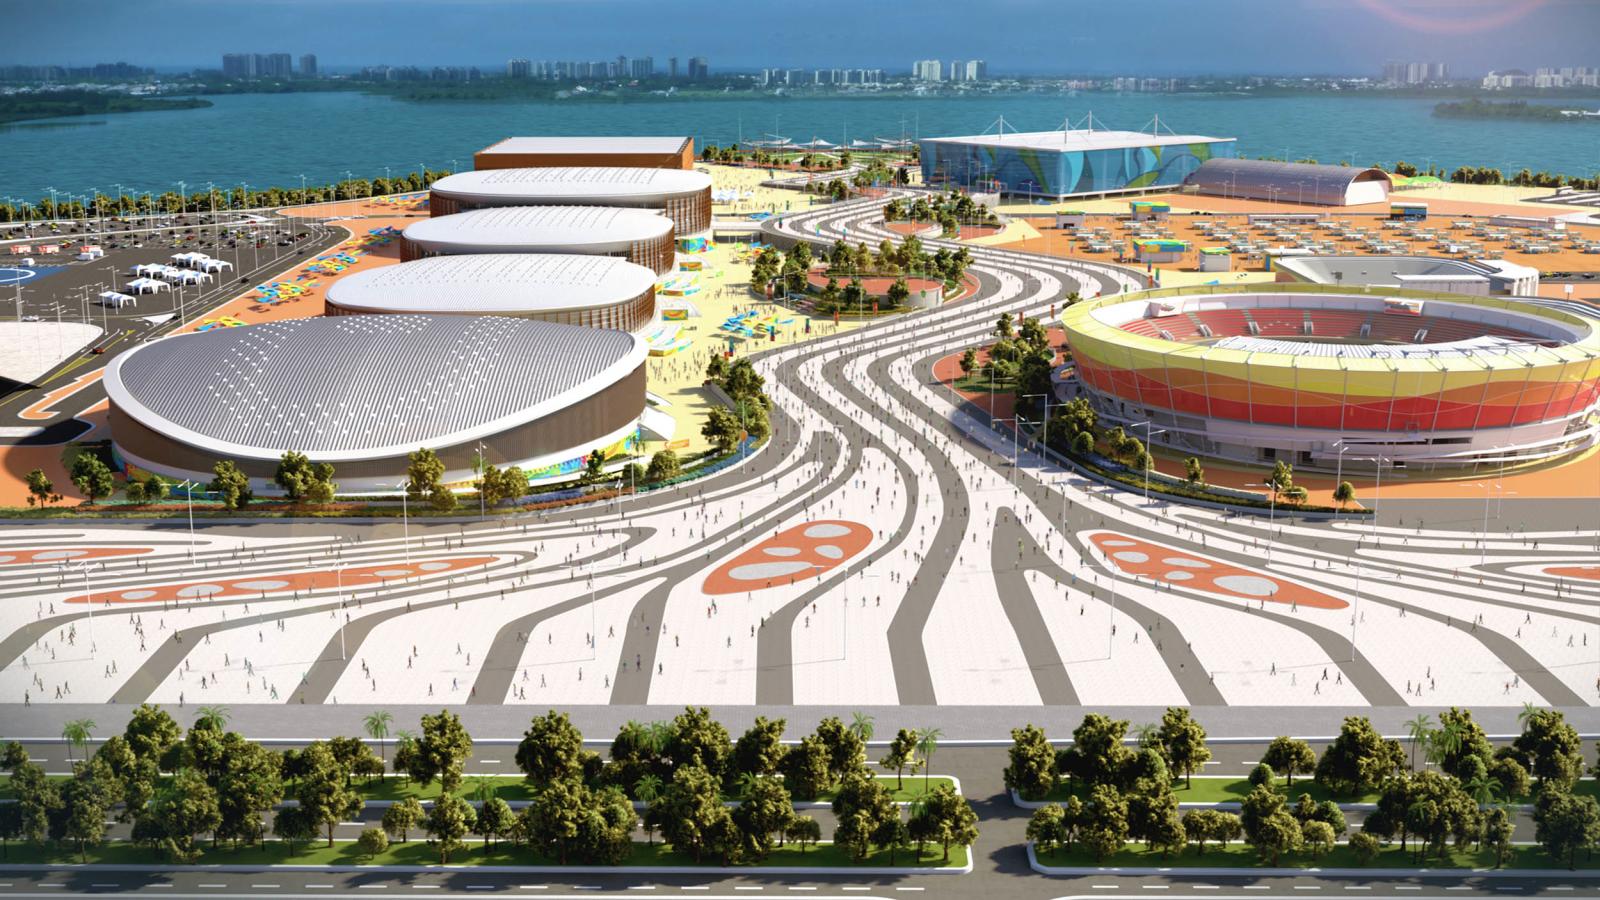 Image Parc Olympique de Barra 3D